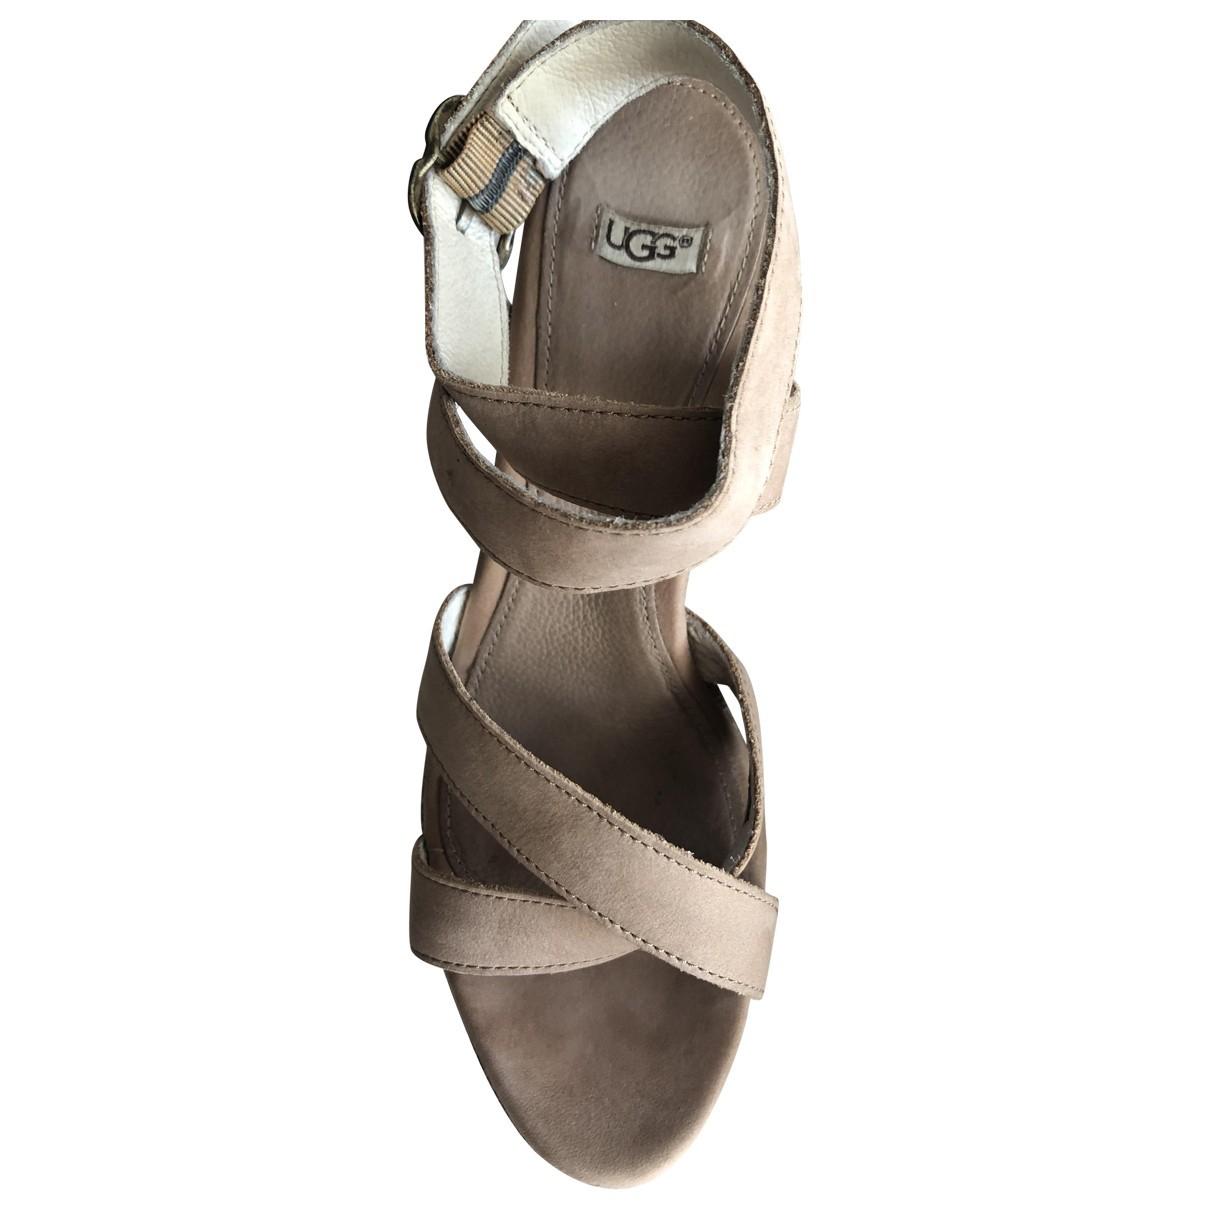 Ugg \N Sandalen in  Beige Leder